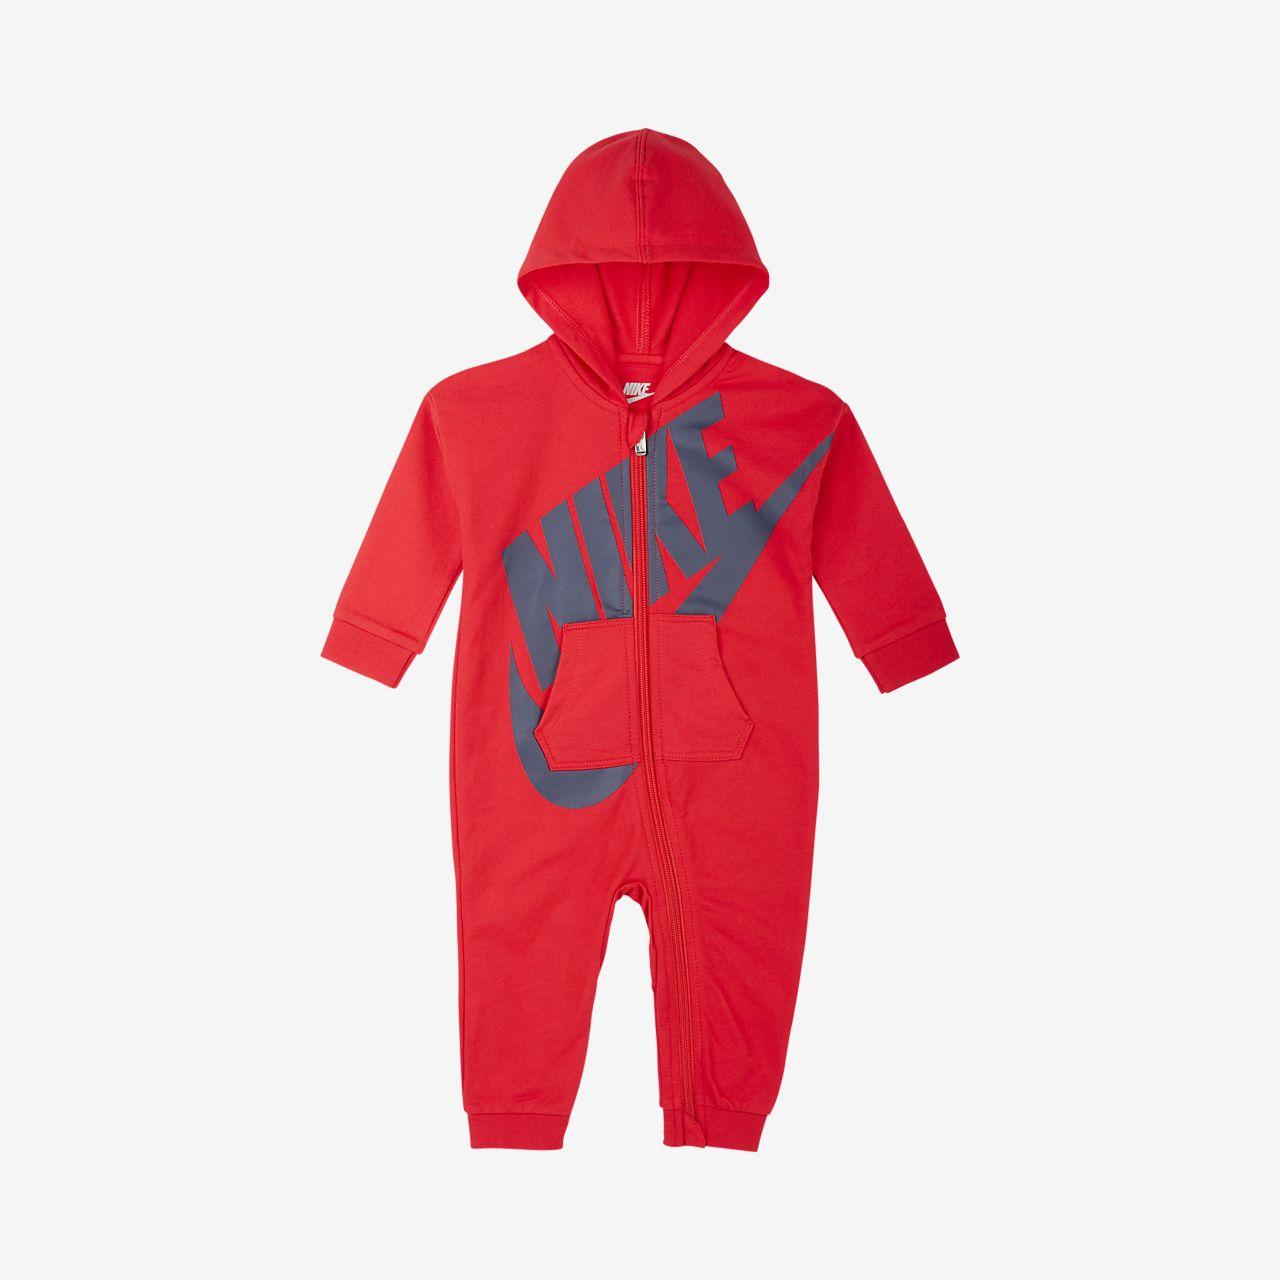 Combinaison Nike pour Bébé (0 - 3 mois)